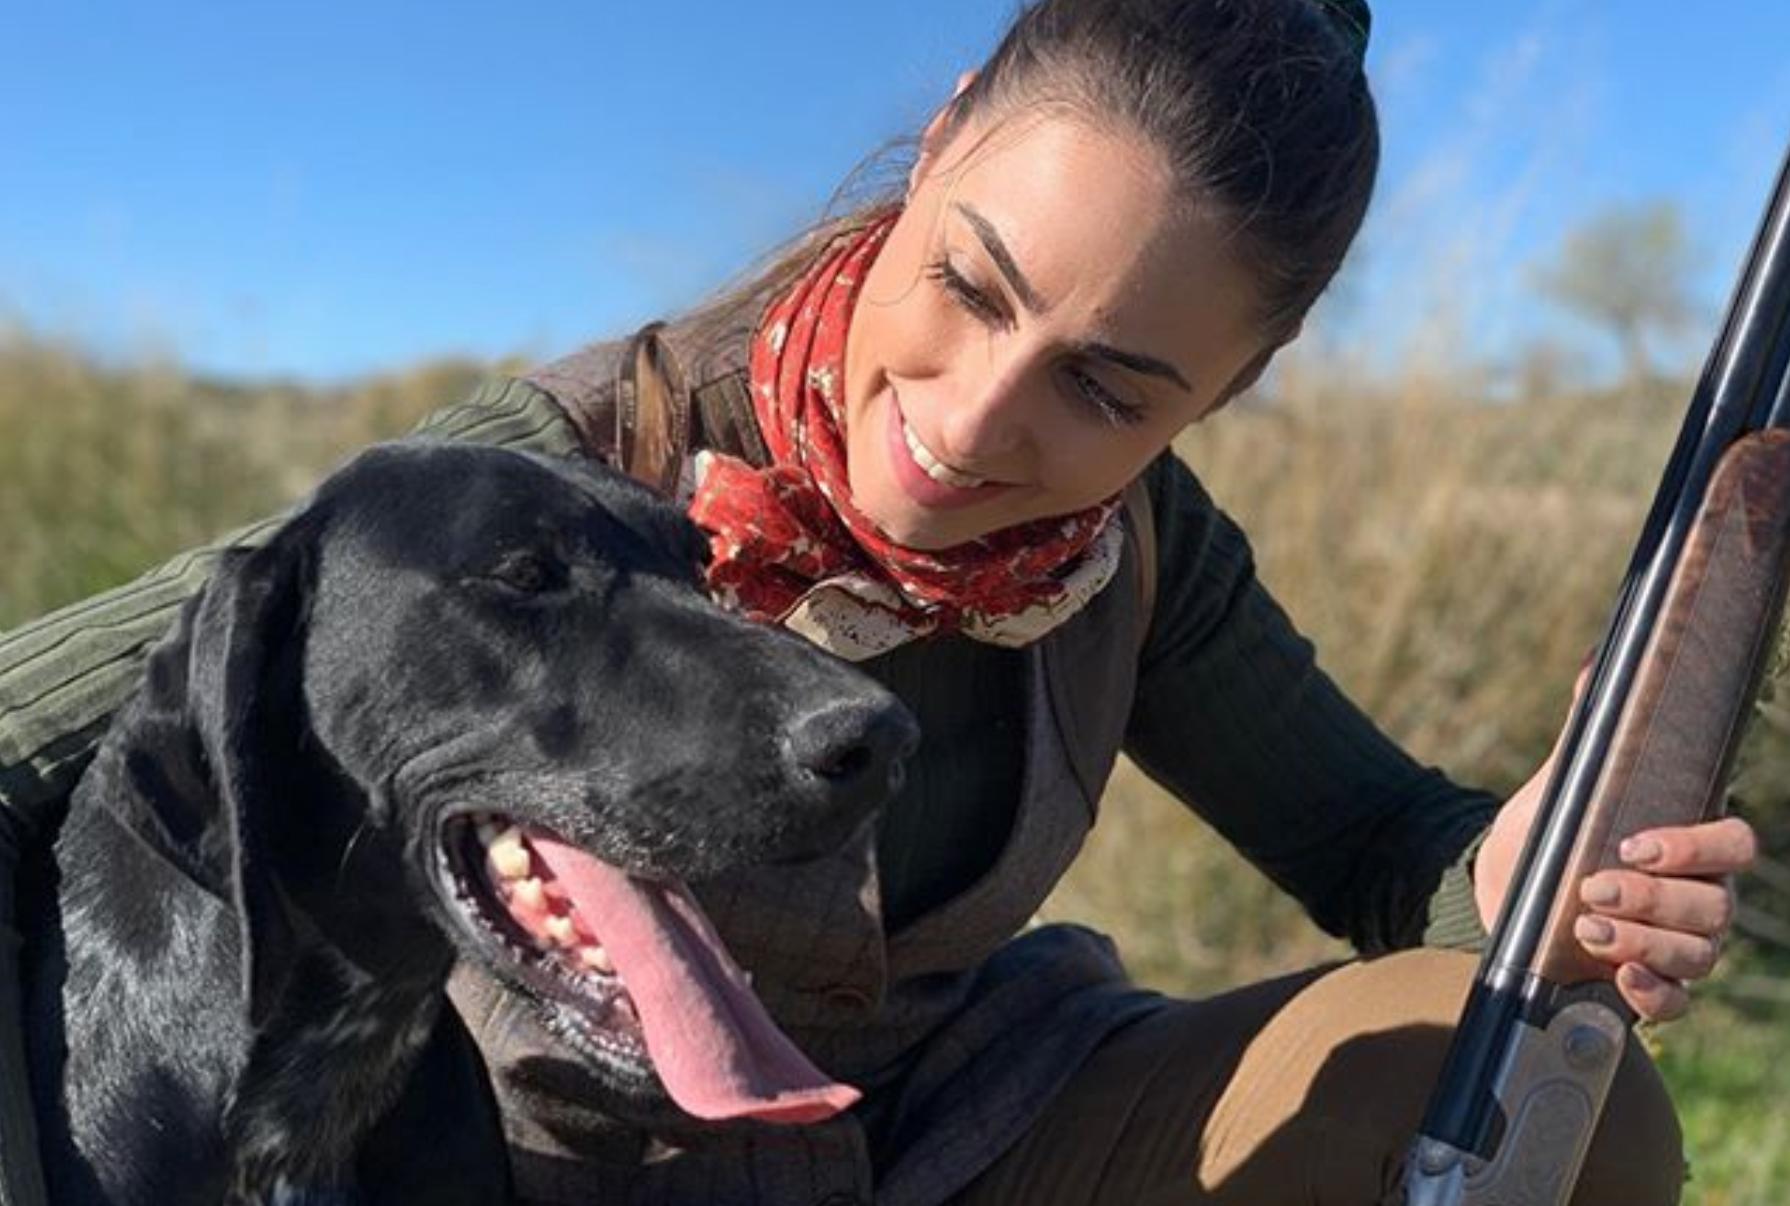 Perros de caza y COVID-19 ¿Qué sabemos y qué medidas de prevención hay que tomar?